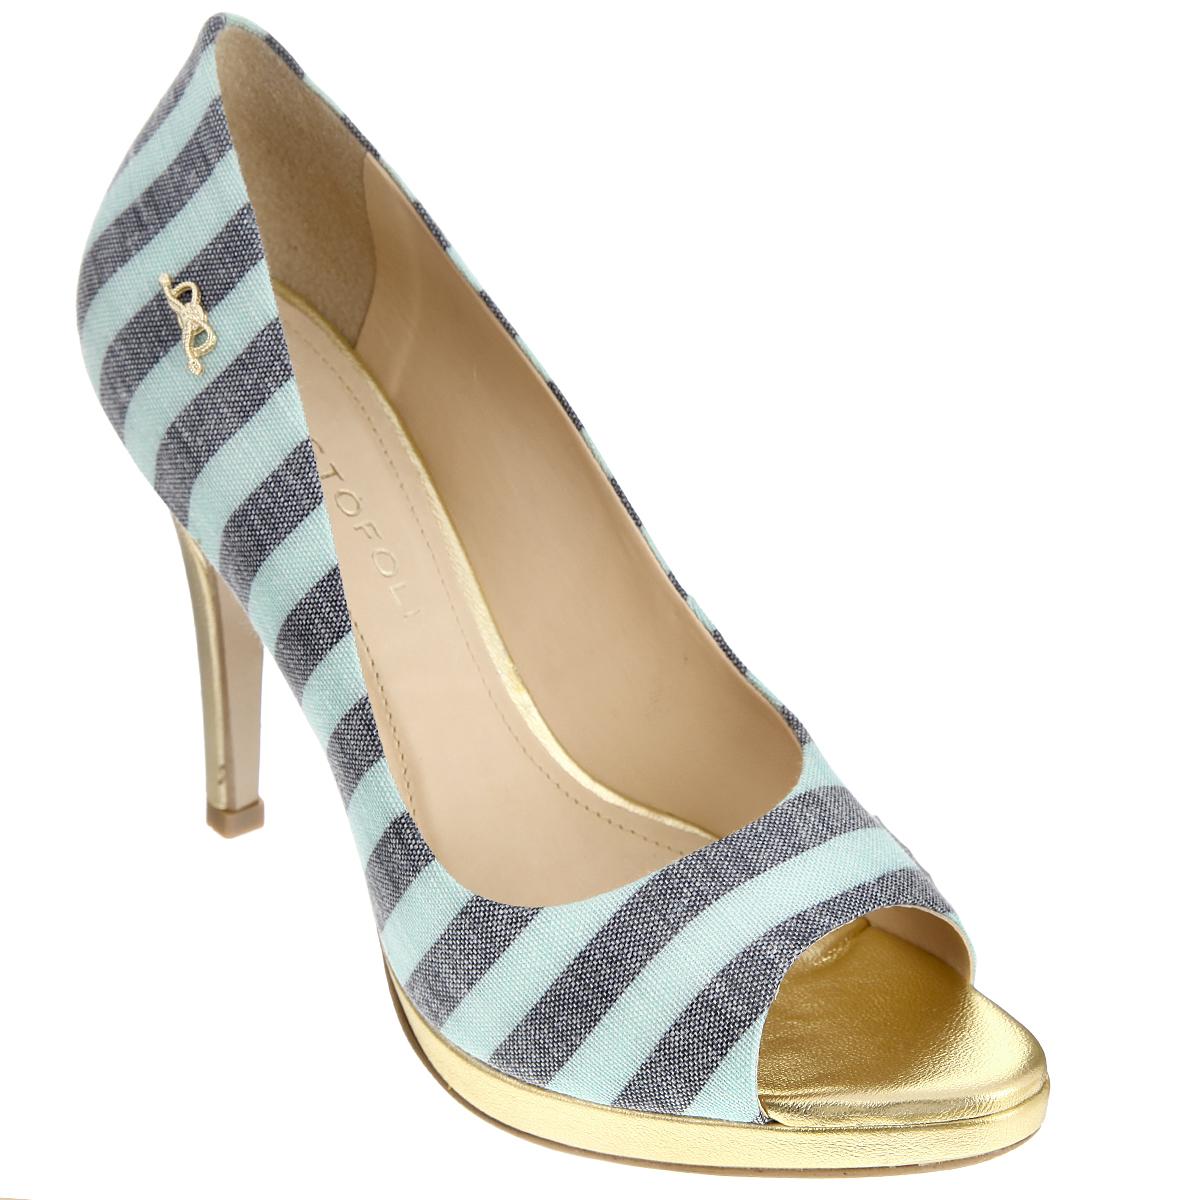 Туфли женские. 150413150413Изысканные женские туфли от Cristofoli займут достойное место среди вашей коллекции обуви. Модель изготовлена из плотного высококачественного текстиля и оформлена узором в полоску. Сбоку изделие украшено декоративным элементом в виде бантика, выполненного из металла. Открытый носок добавит женственные нотки в ваш образ. Подкладка и стелька из натуральной кожи обеспечивают комфорт при движении. Ультравысокий каблук компенсирован платформой. Подошва дополнена противоскользящим рифлением. Роскошные туфли помогут вам создать неповторимый образ.